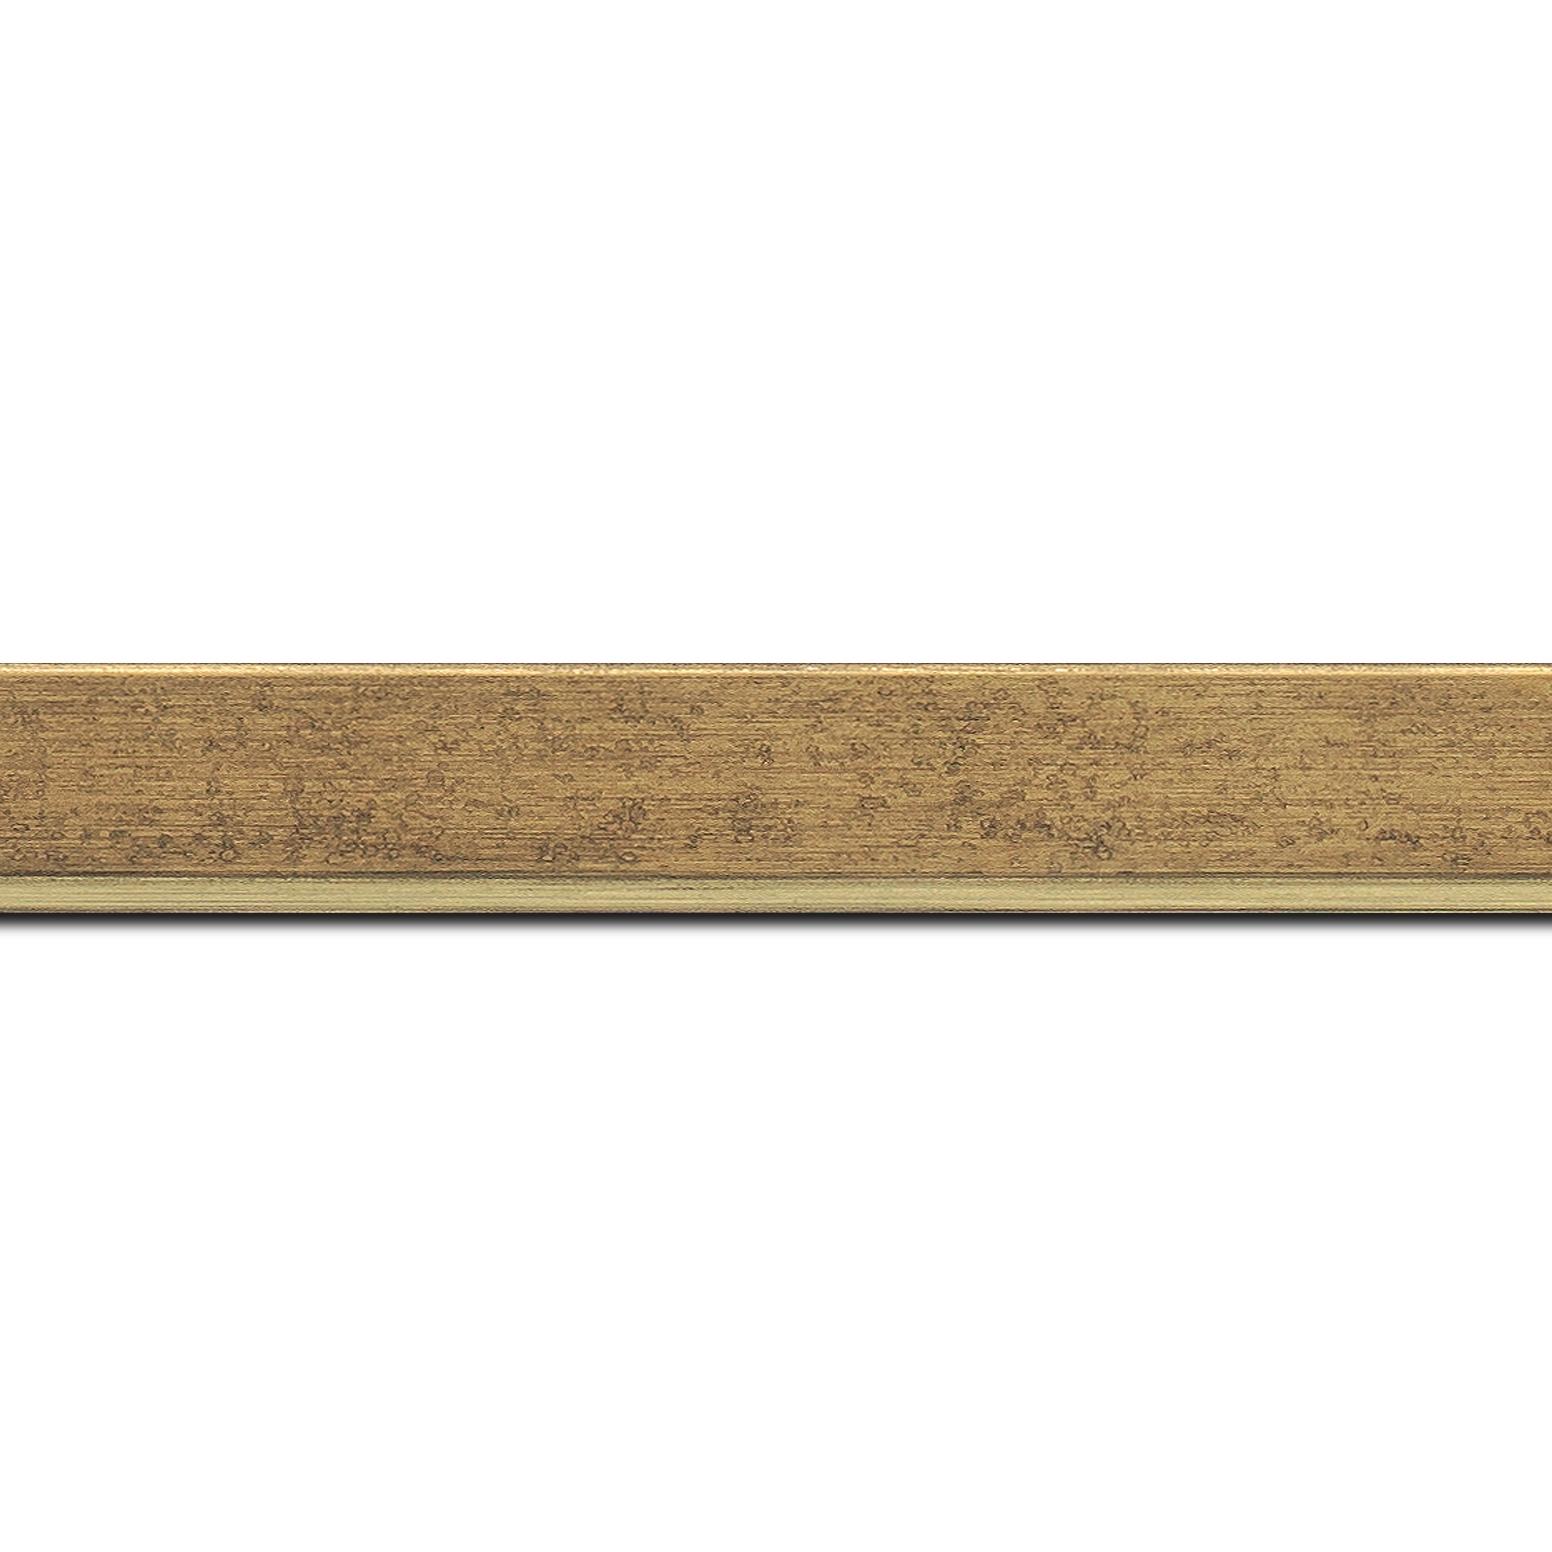 Baguette longueur 1.40m bois profil incliné en pente largeur 2.5cm couleur or patiné filet or